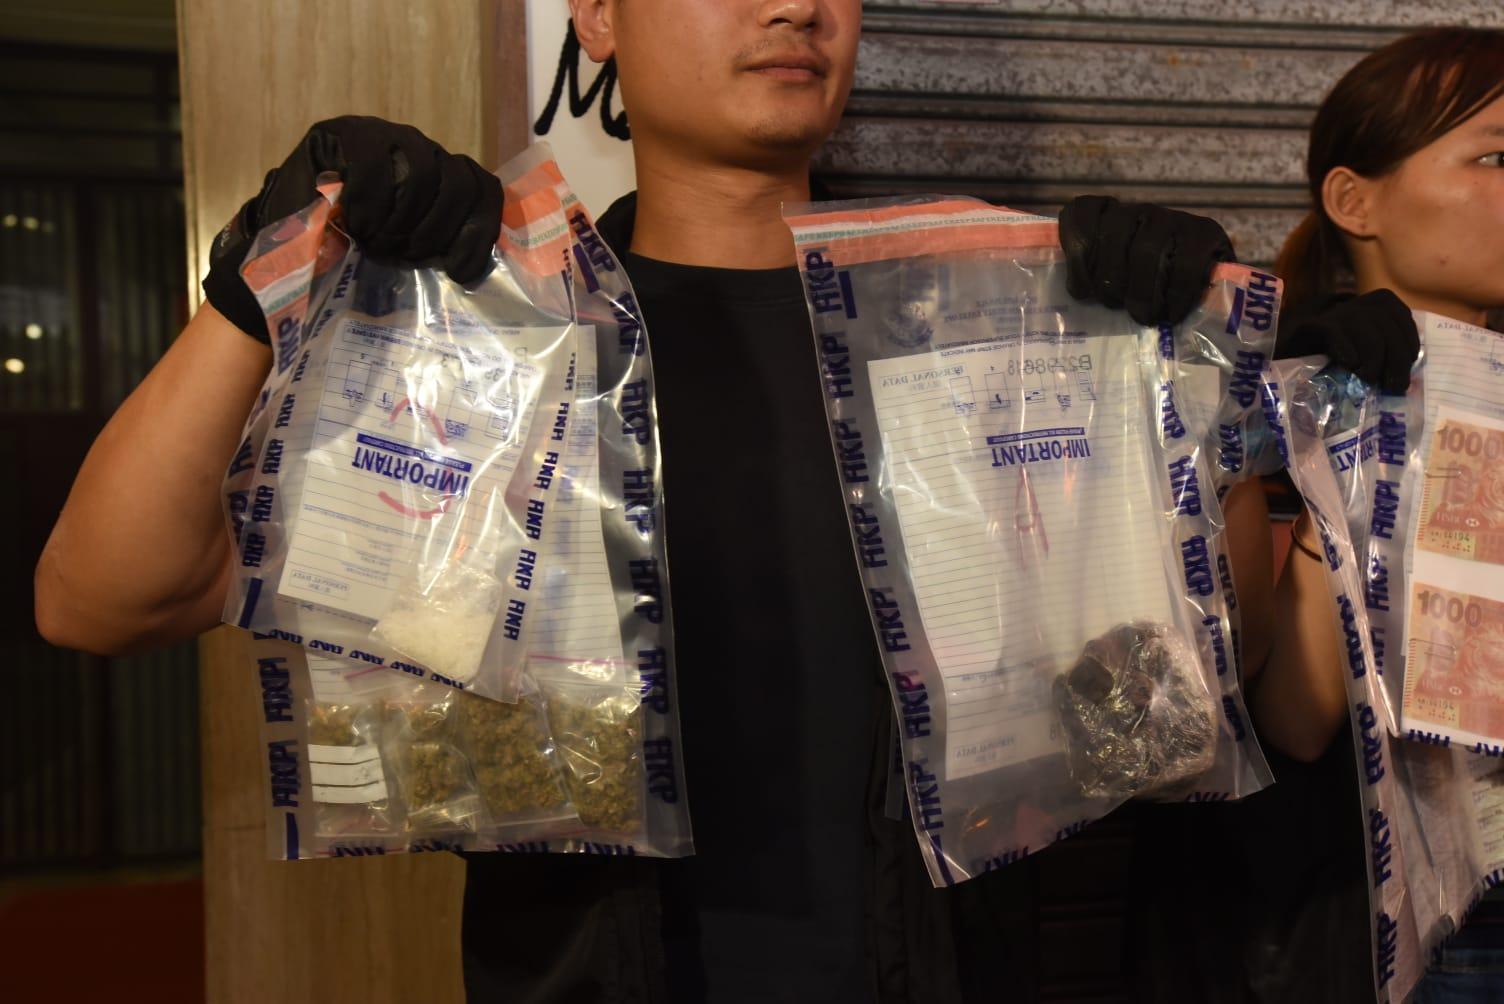 警员在单位内检获约800克怀疑大麻精、约15克怀疑「冰」毒、约23克怀疑大麻花。